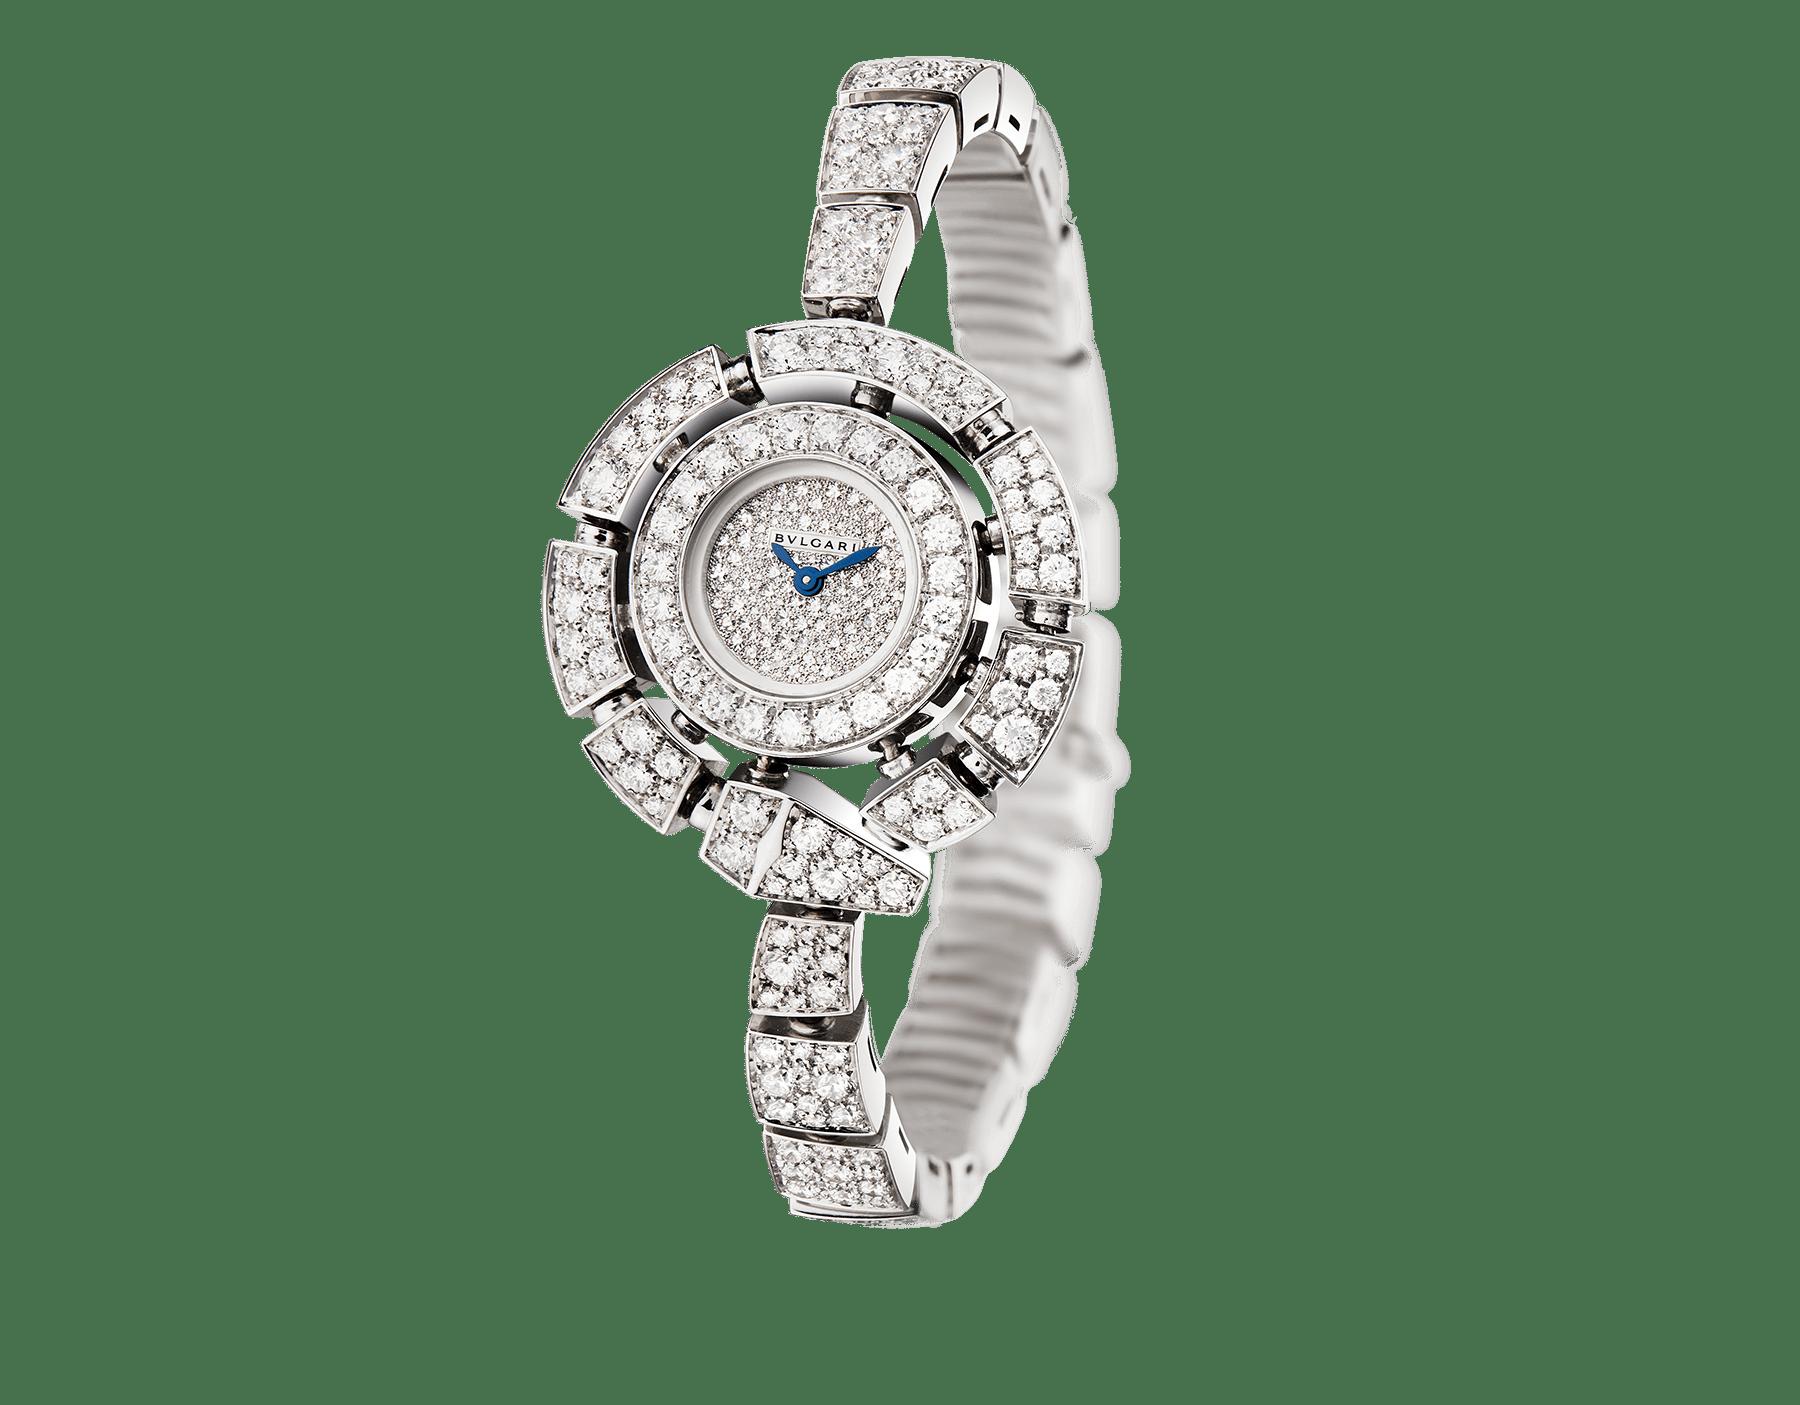 Montre Serpenti Incantati avec boîtier et bracelet en or blanc 18K sertis de diamants taille brillant, cadran pavé diamants en serti «neige». 102535 image 1